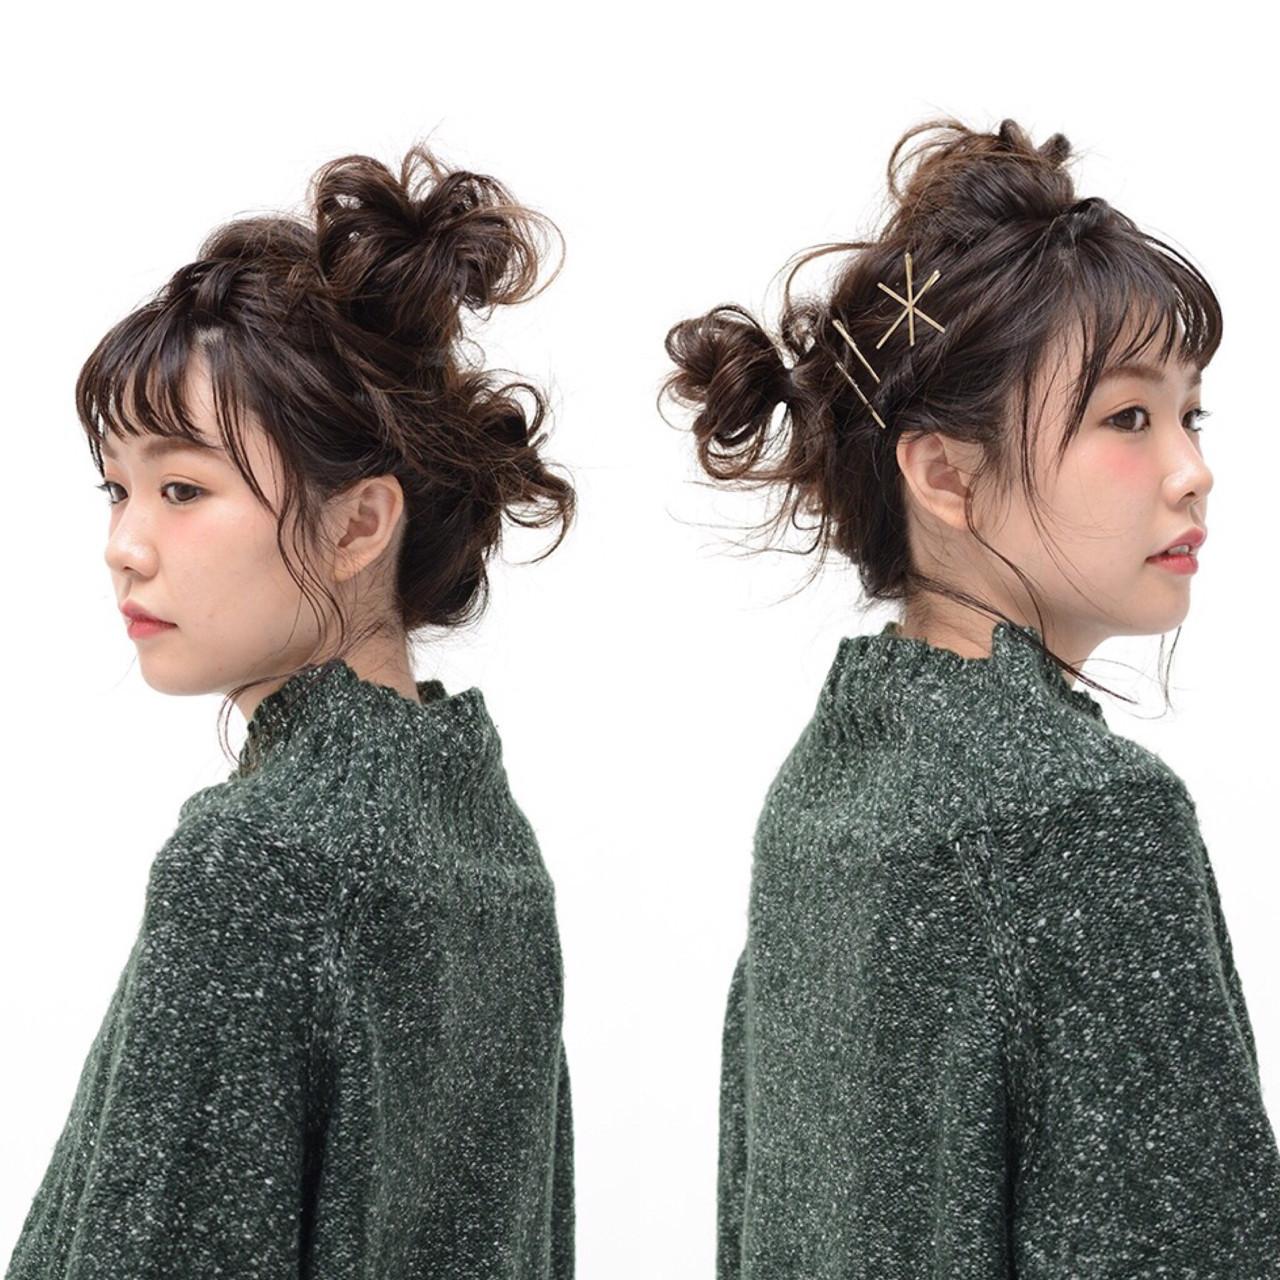 ミディアム お団子 ヘアアレンジ 愛され ヘアスタイルや髪型の写真・画像